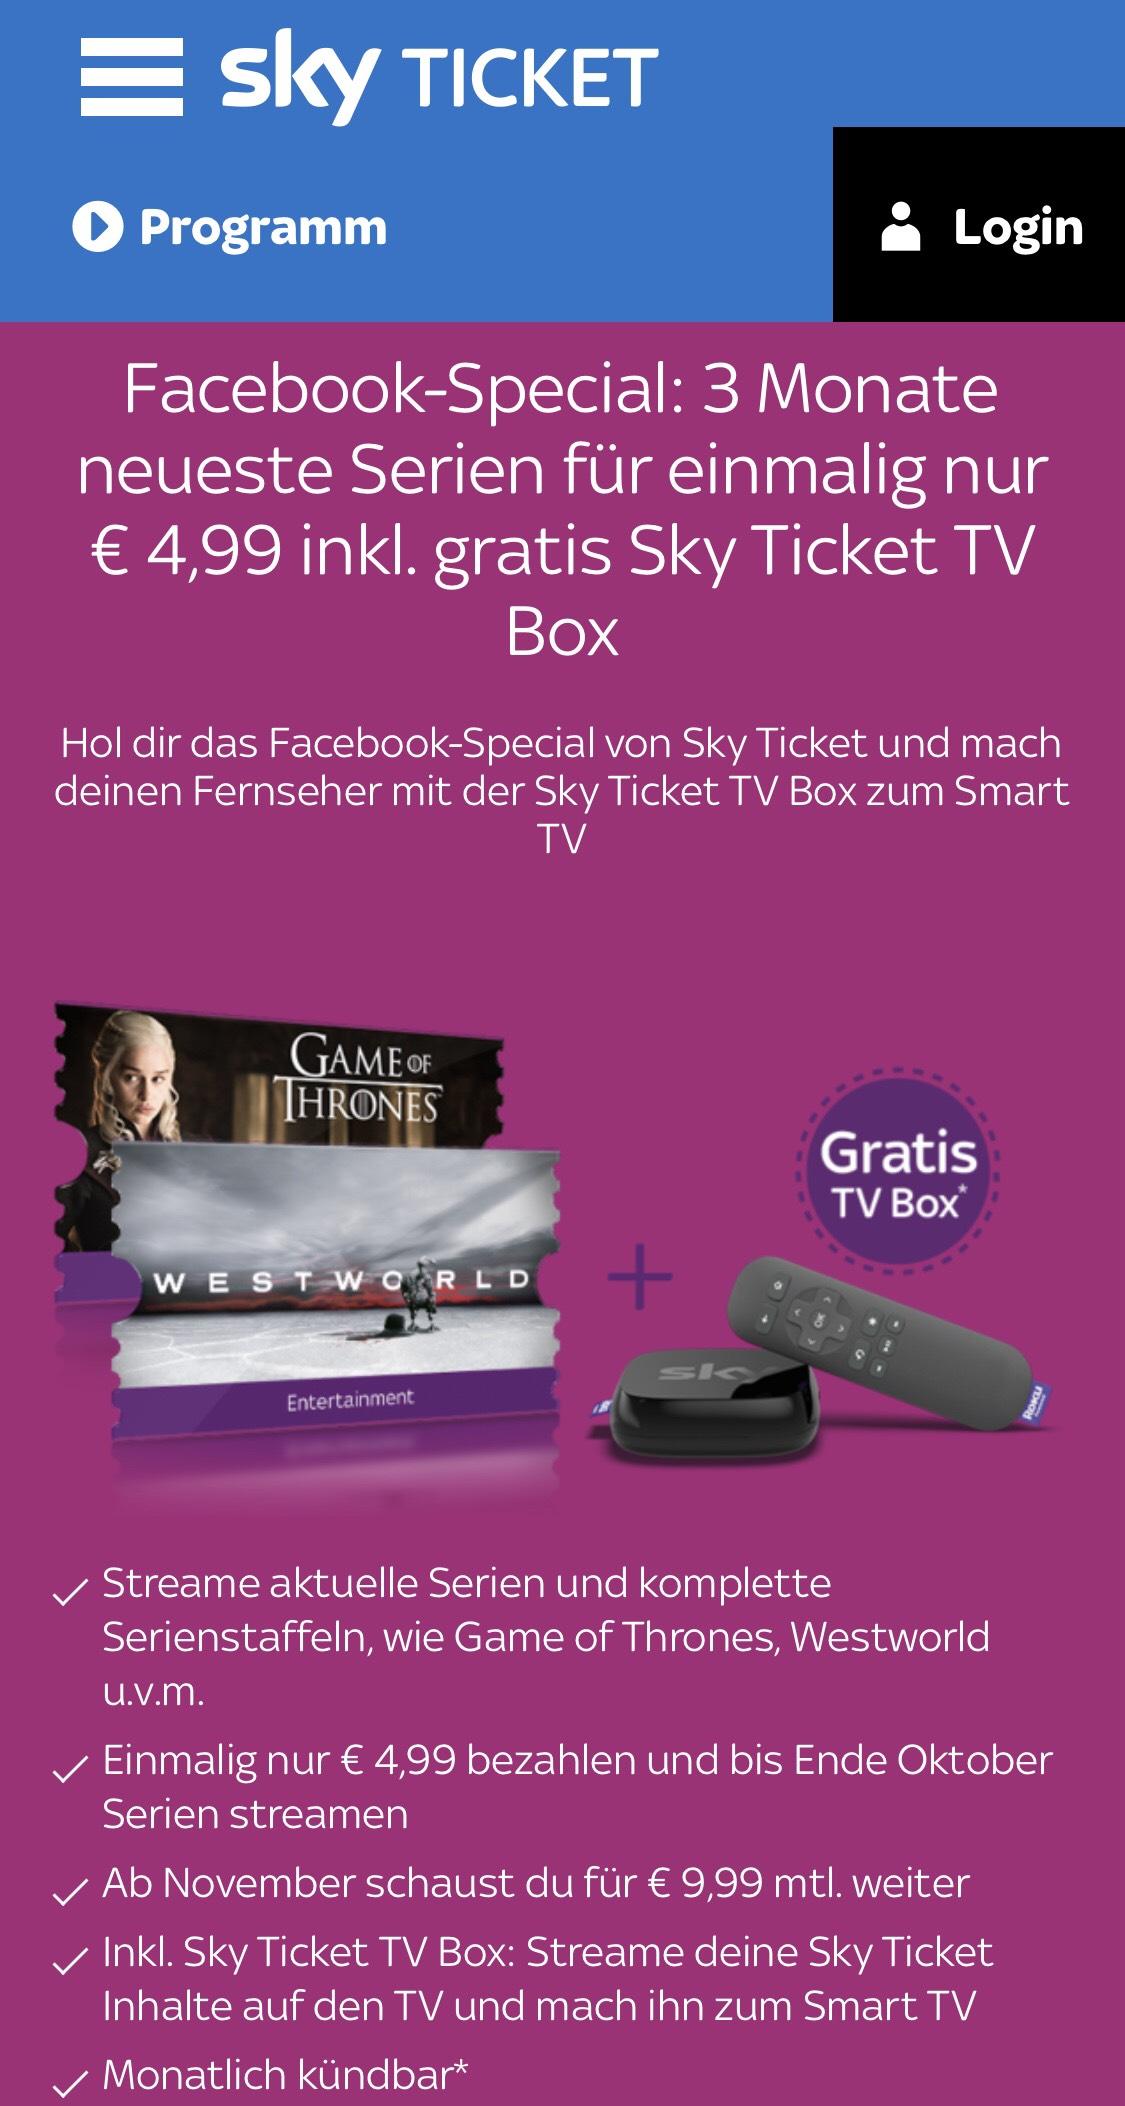 3 Monate neueste Serien für einmalig nur € 4,99 inkl. gratis Sky Ticket TV Box